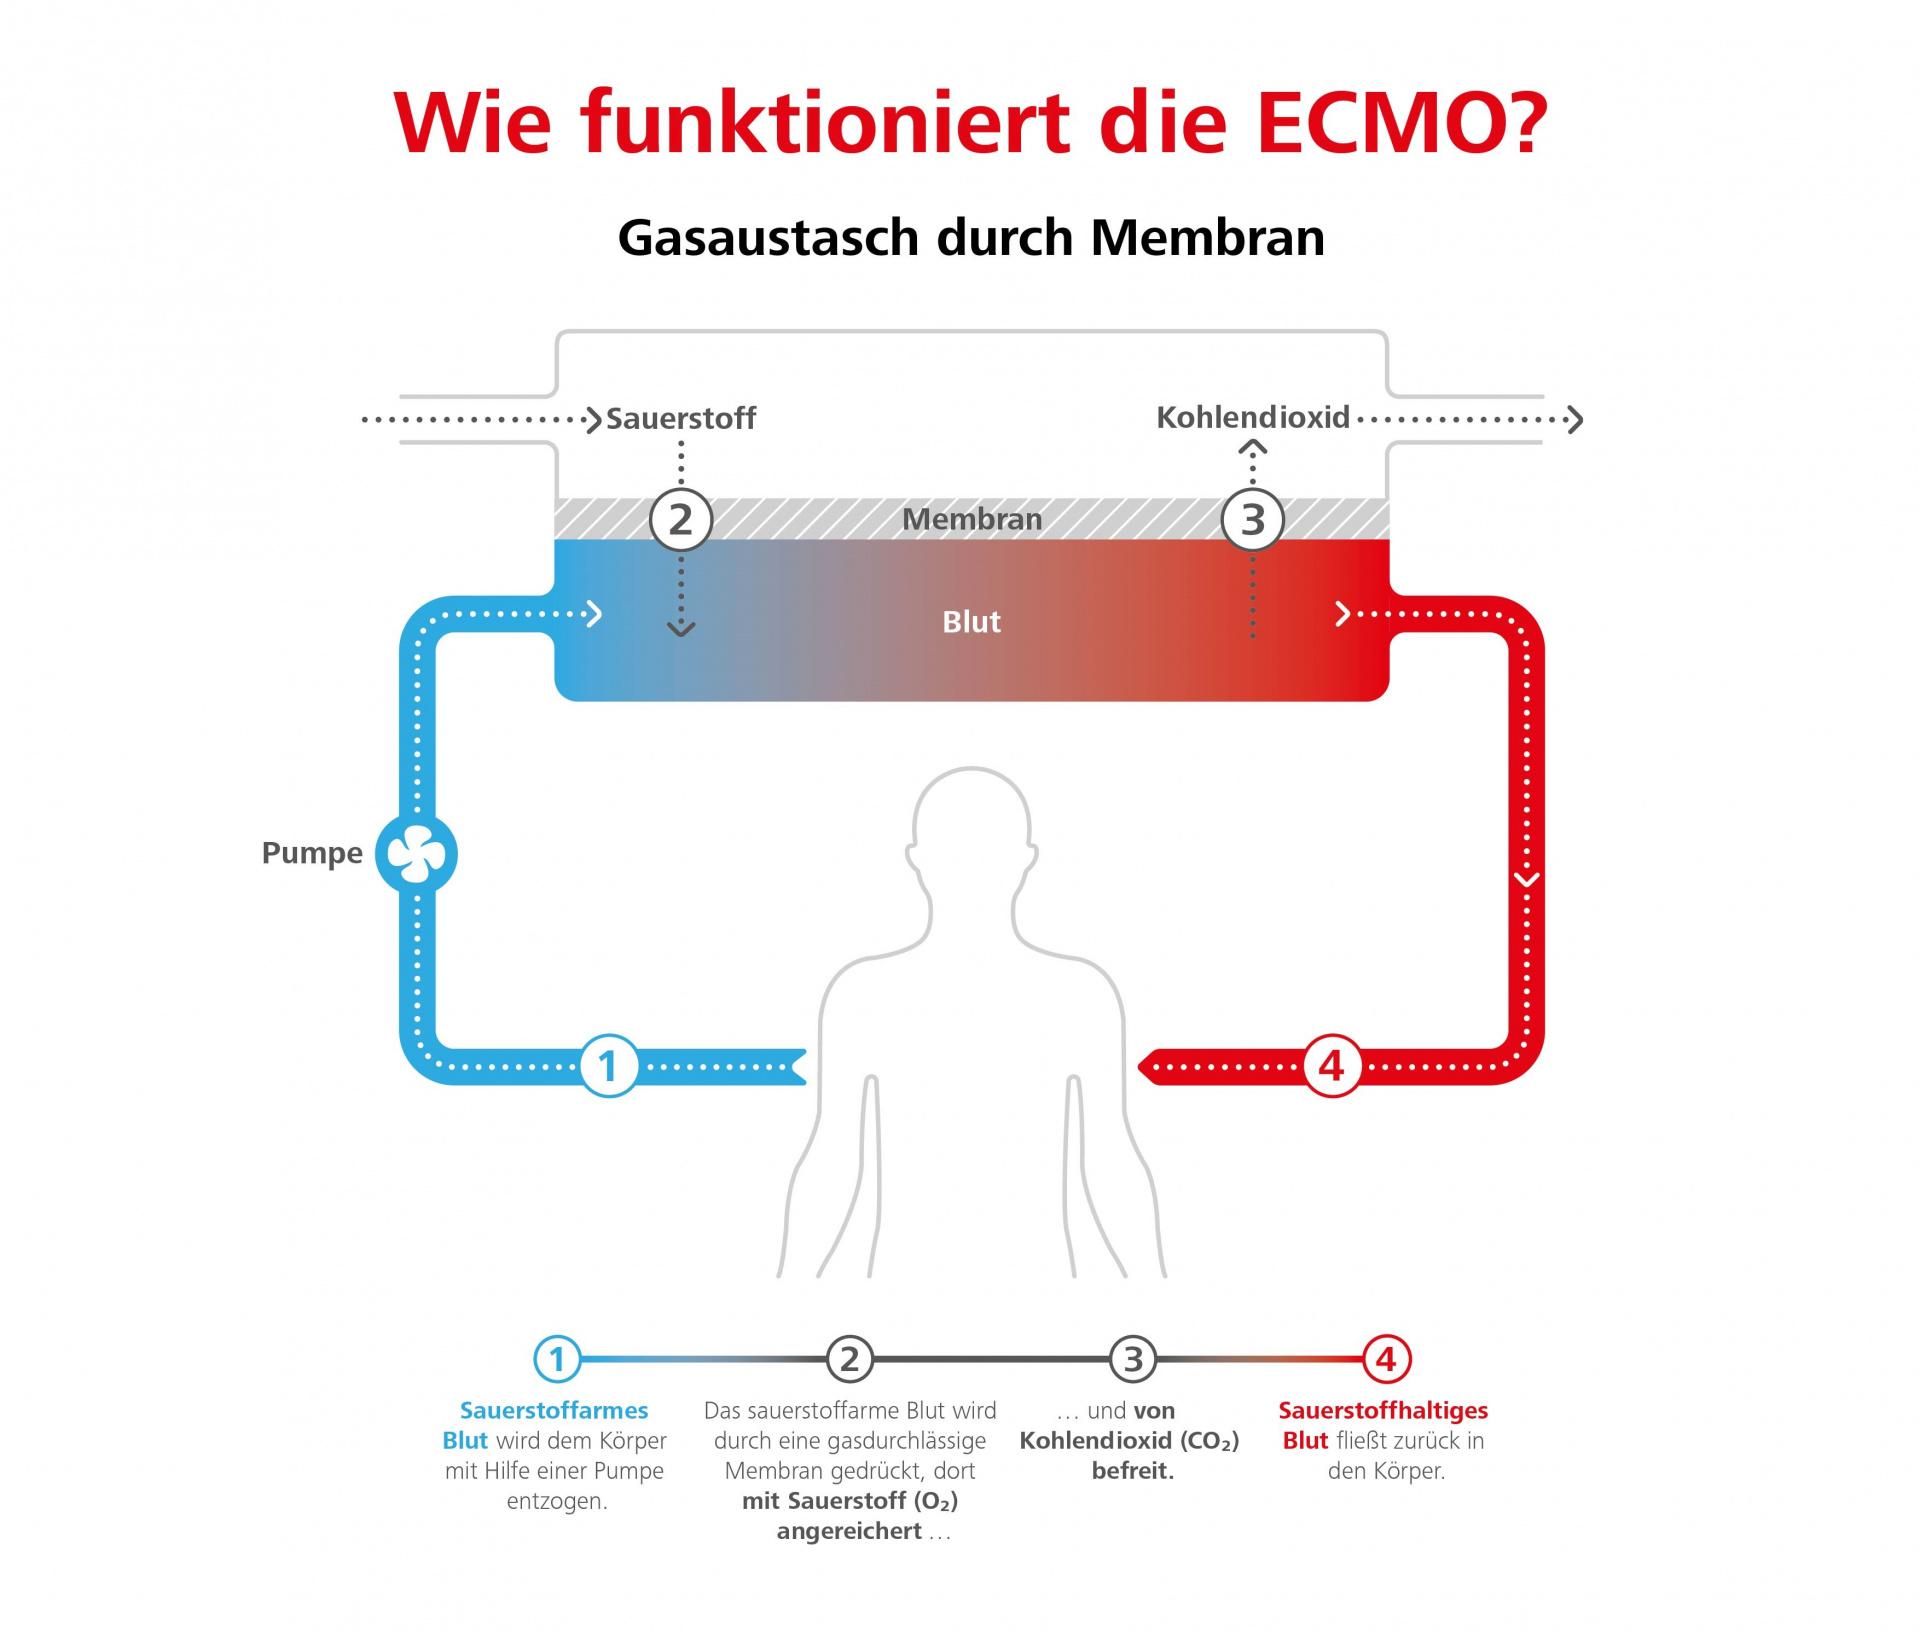 """Bereits 27 Mal im ersten Halbjahr 2019 wurde das hochkomplexe ECMO-Verfahren bei Einsätzen von """"Christoph Regensburg"""" angewendet. - Grafik: DRF Luftrettung"""